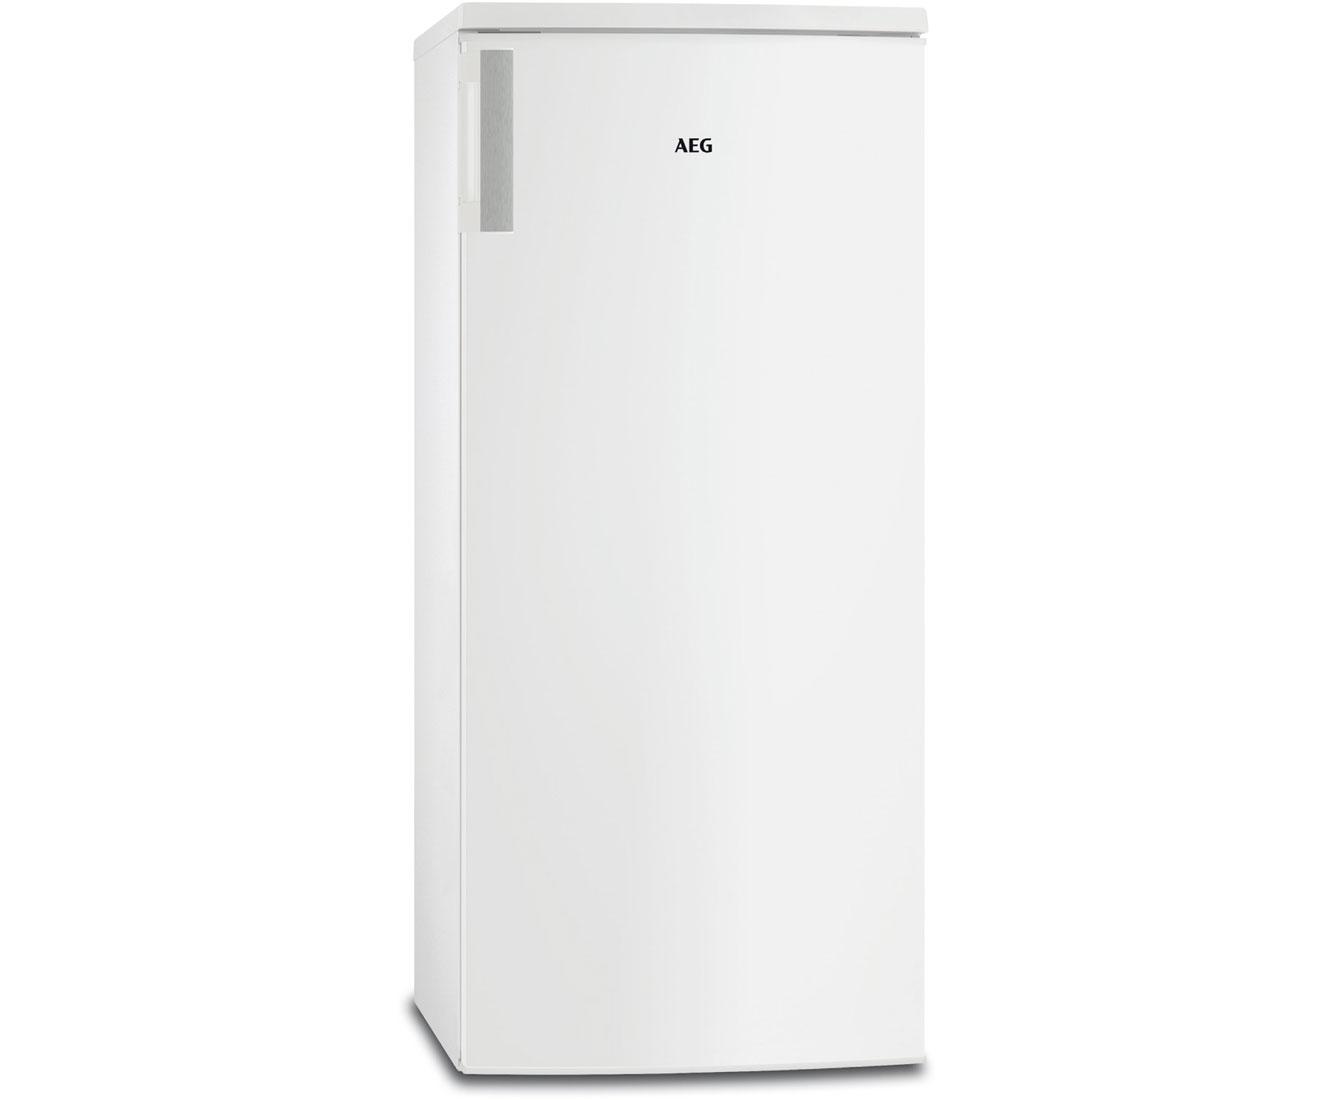 AEG SANTO RFB42411AW Kühlschränke - Weiß